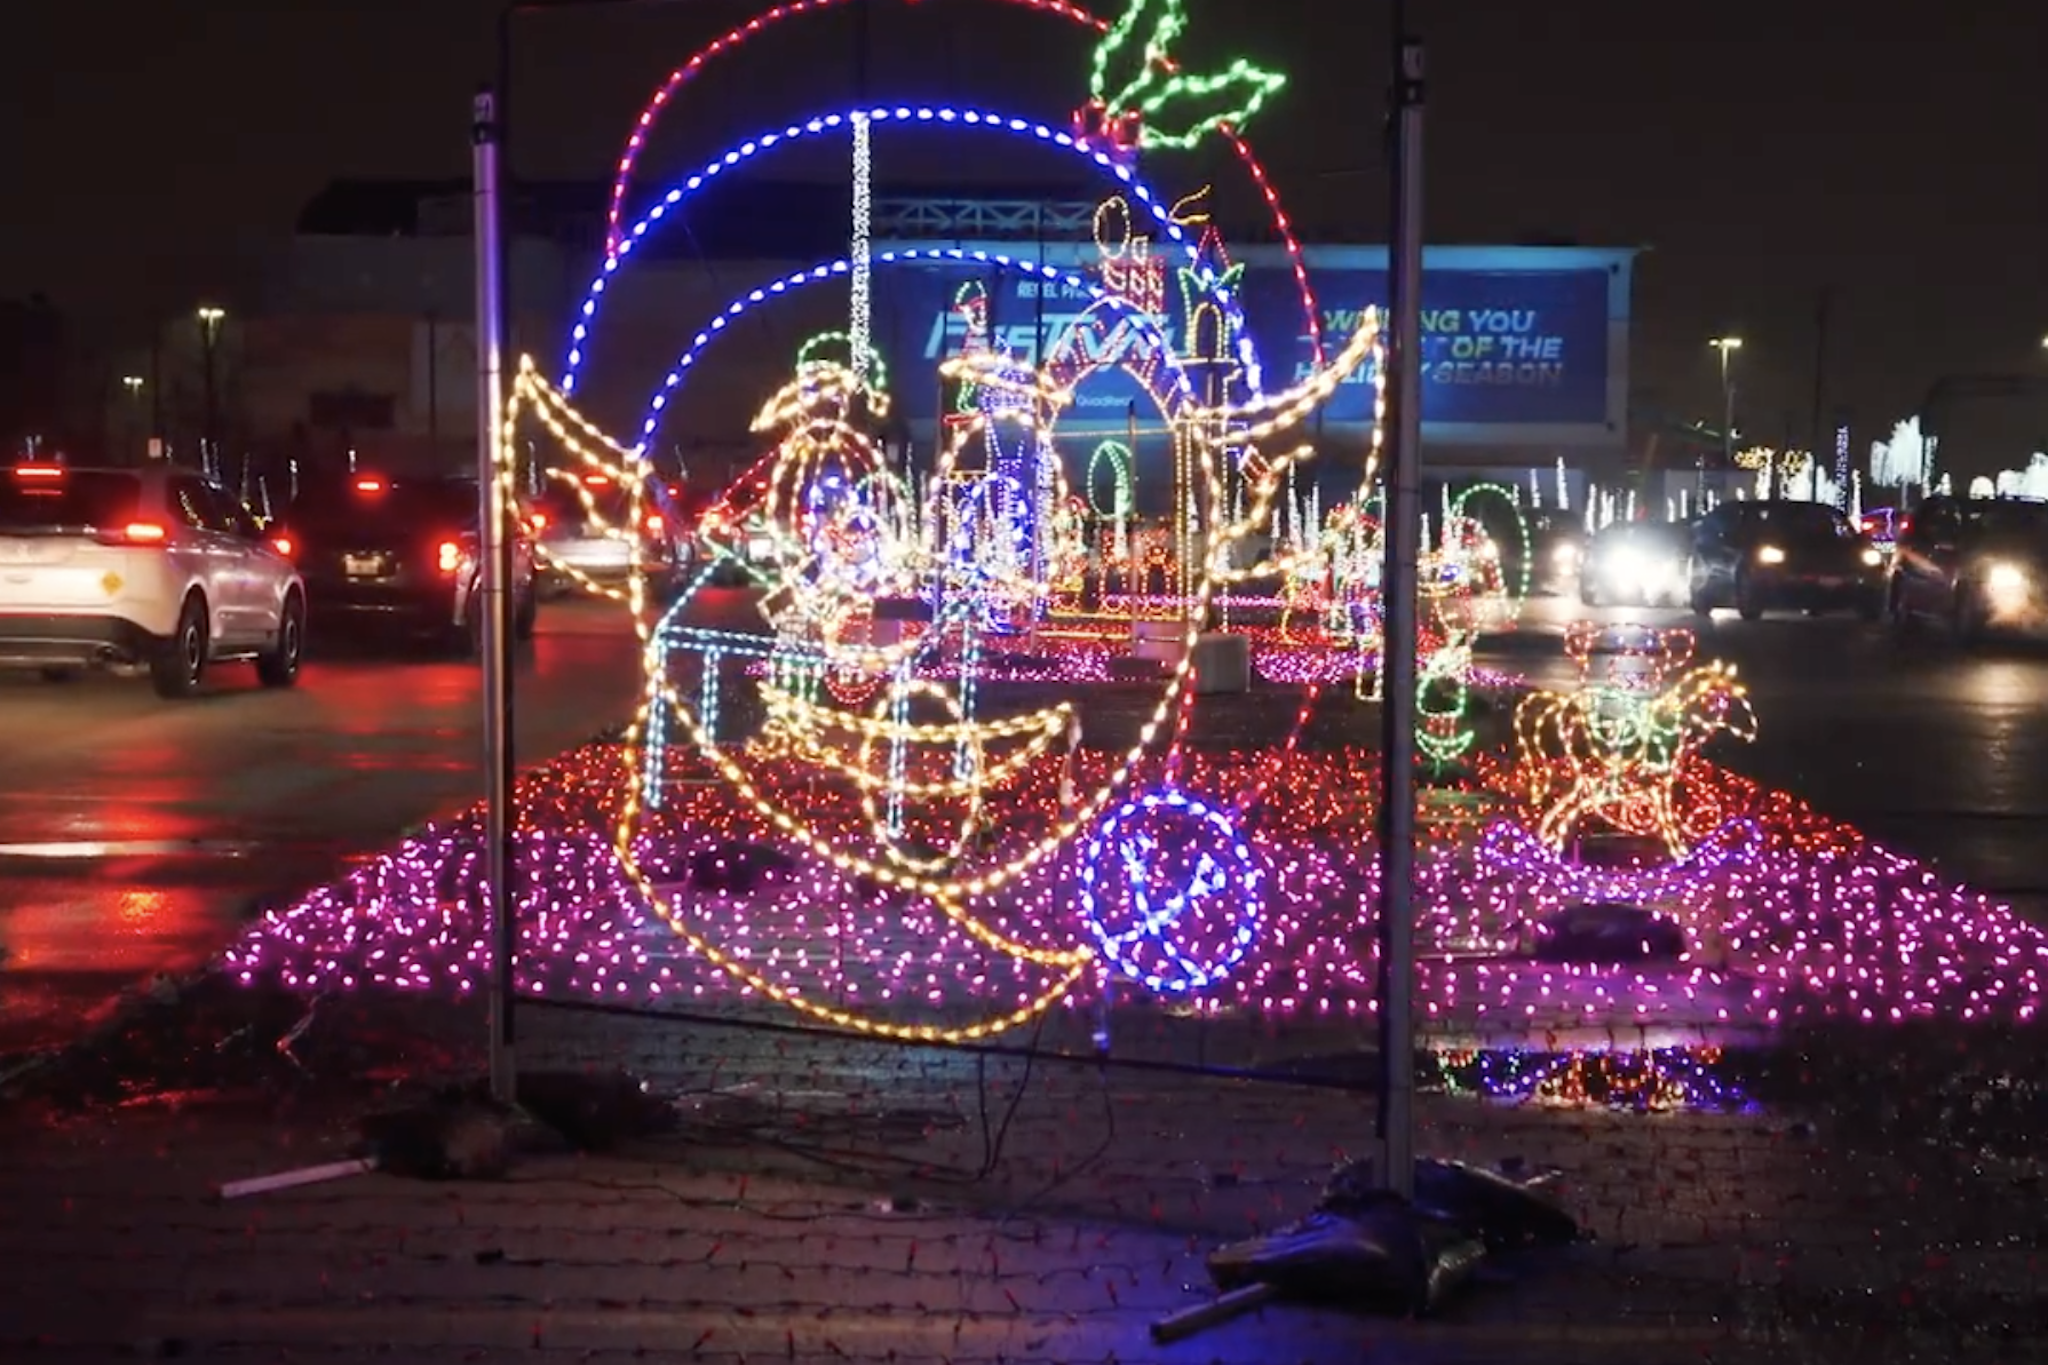 epilepsy toronto holiday nights of lights